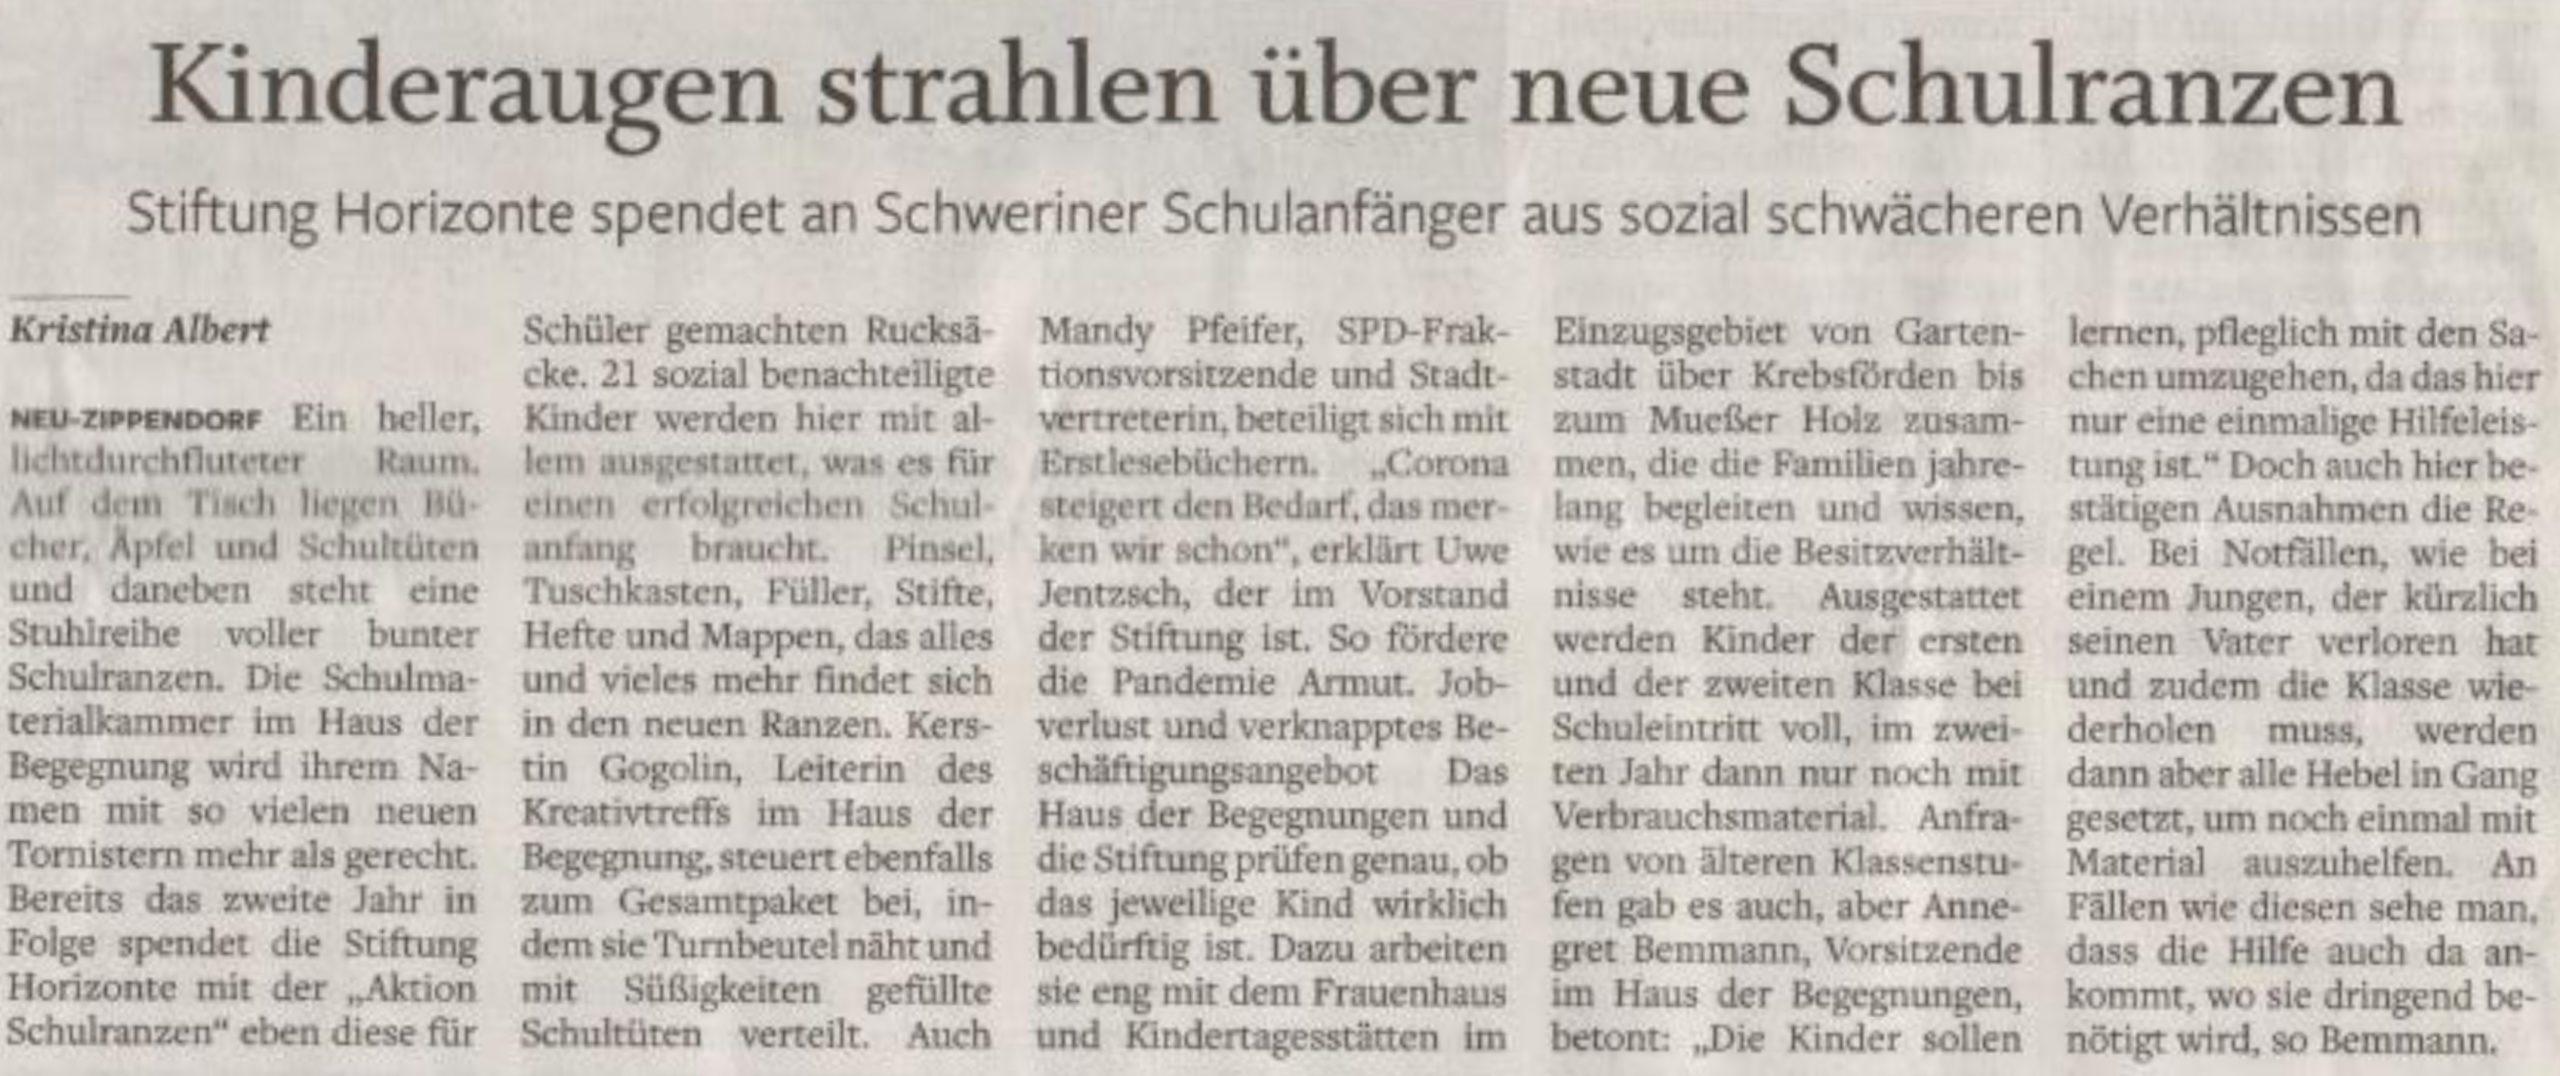 """Artikel SVZ vom 20.7.2021, """"Kinderaugen strahlen über neue Schulranzen"""""""